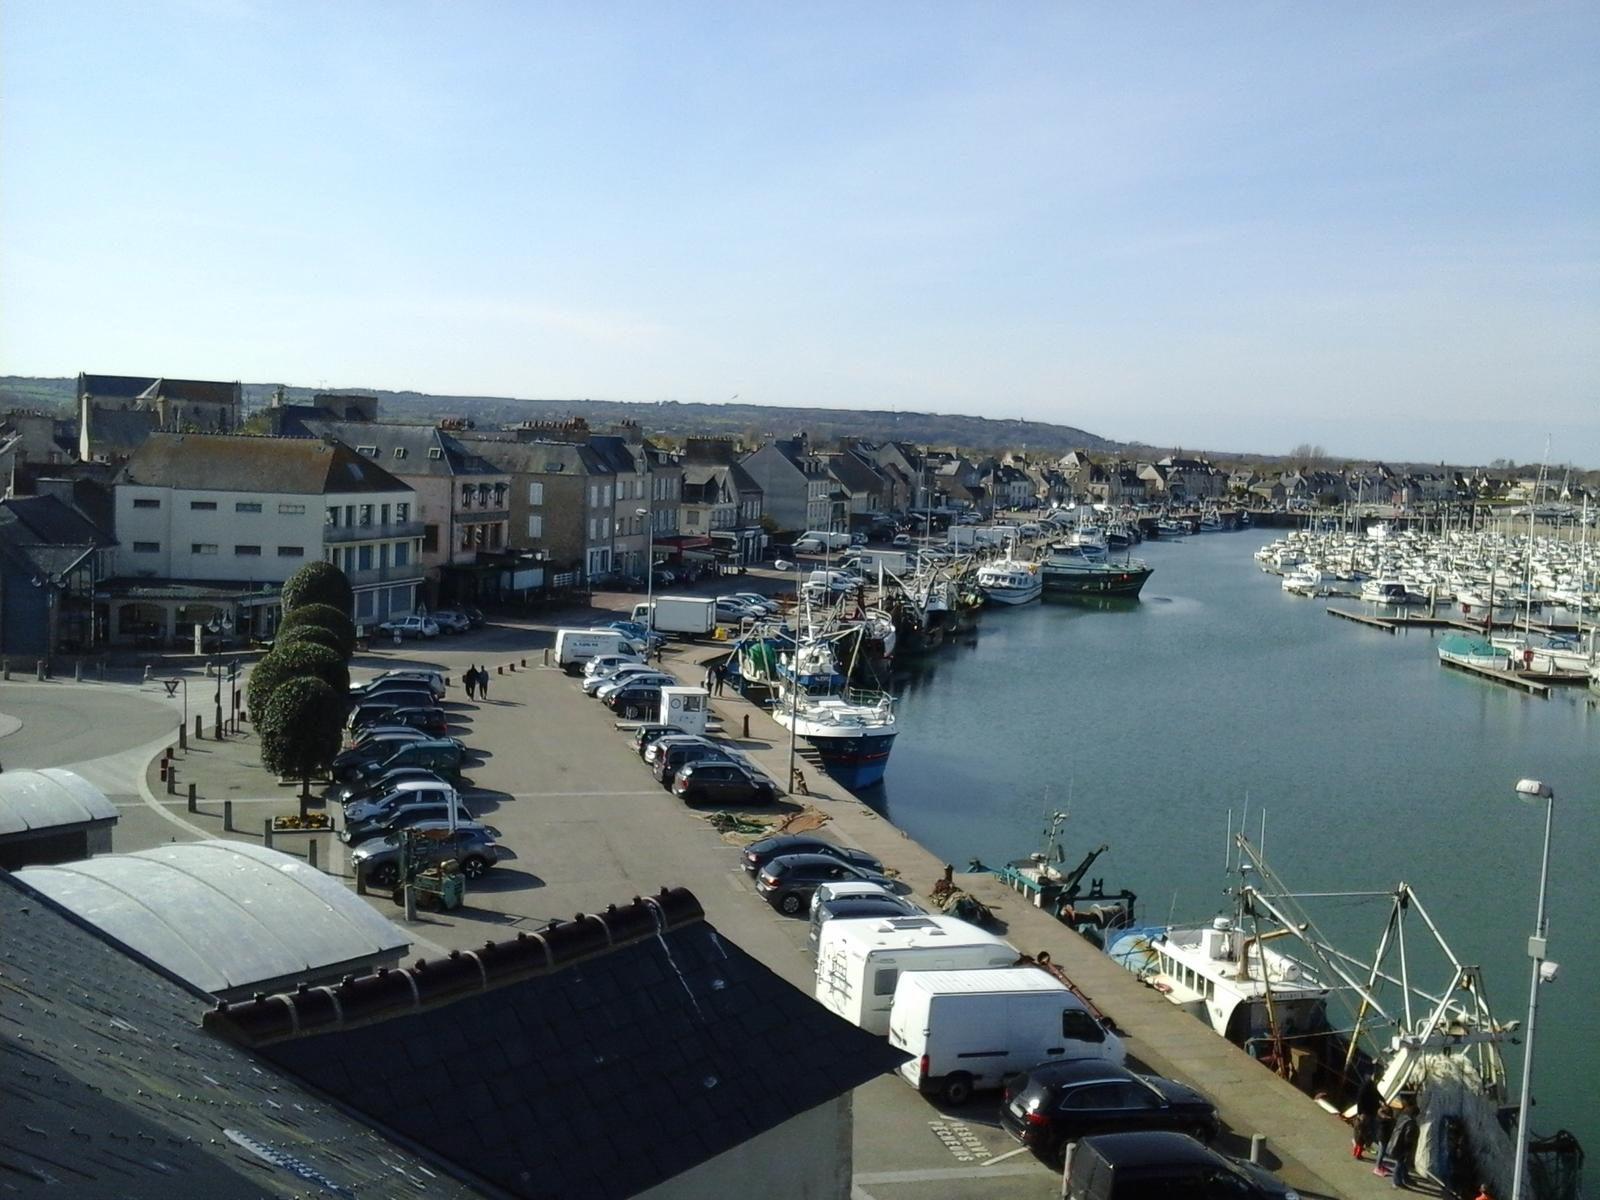 Image n°8 du gîte de mer : Vue sur le port de Saint-Vaast-la-Hougue